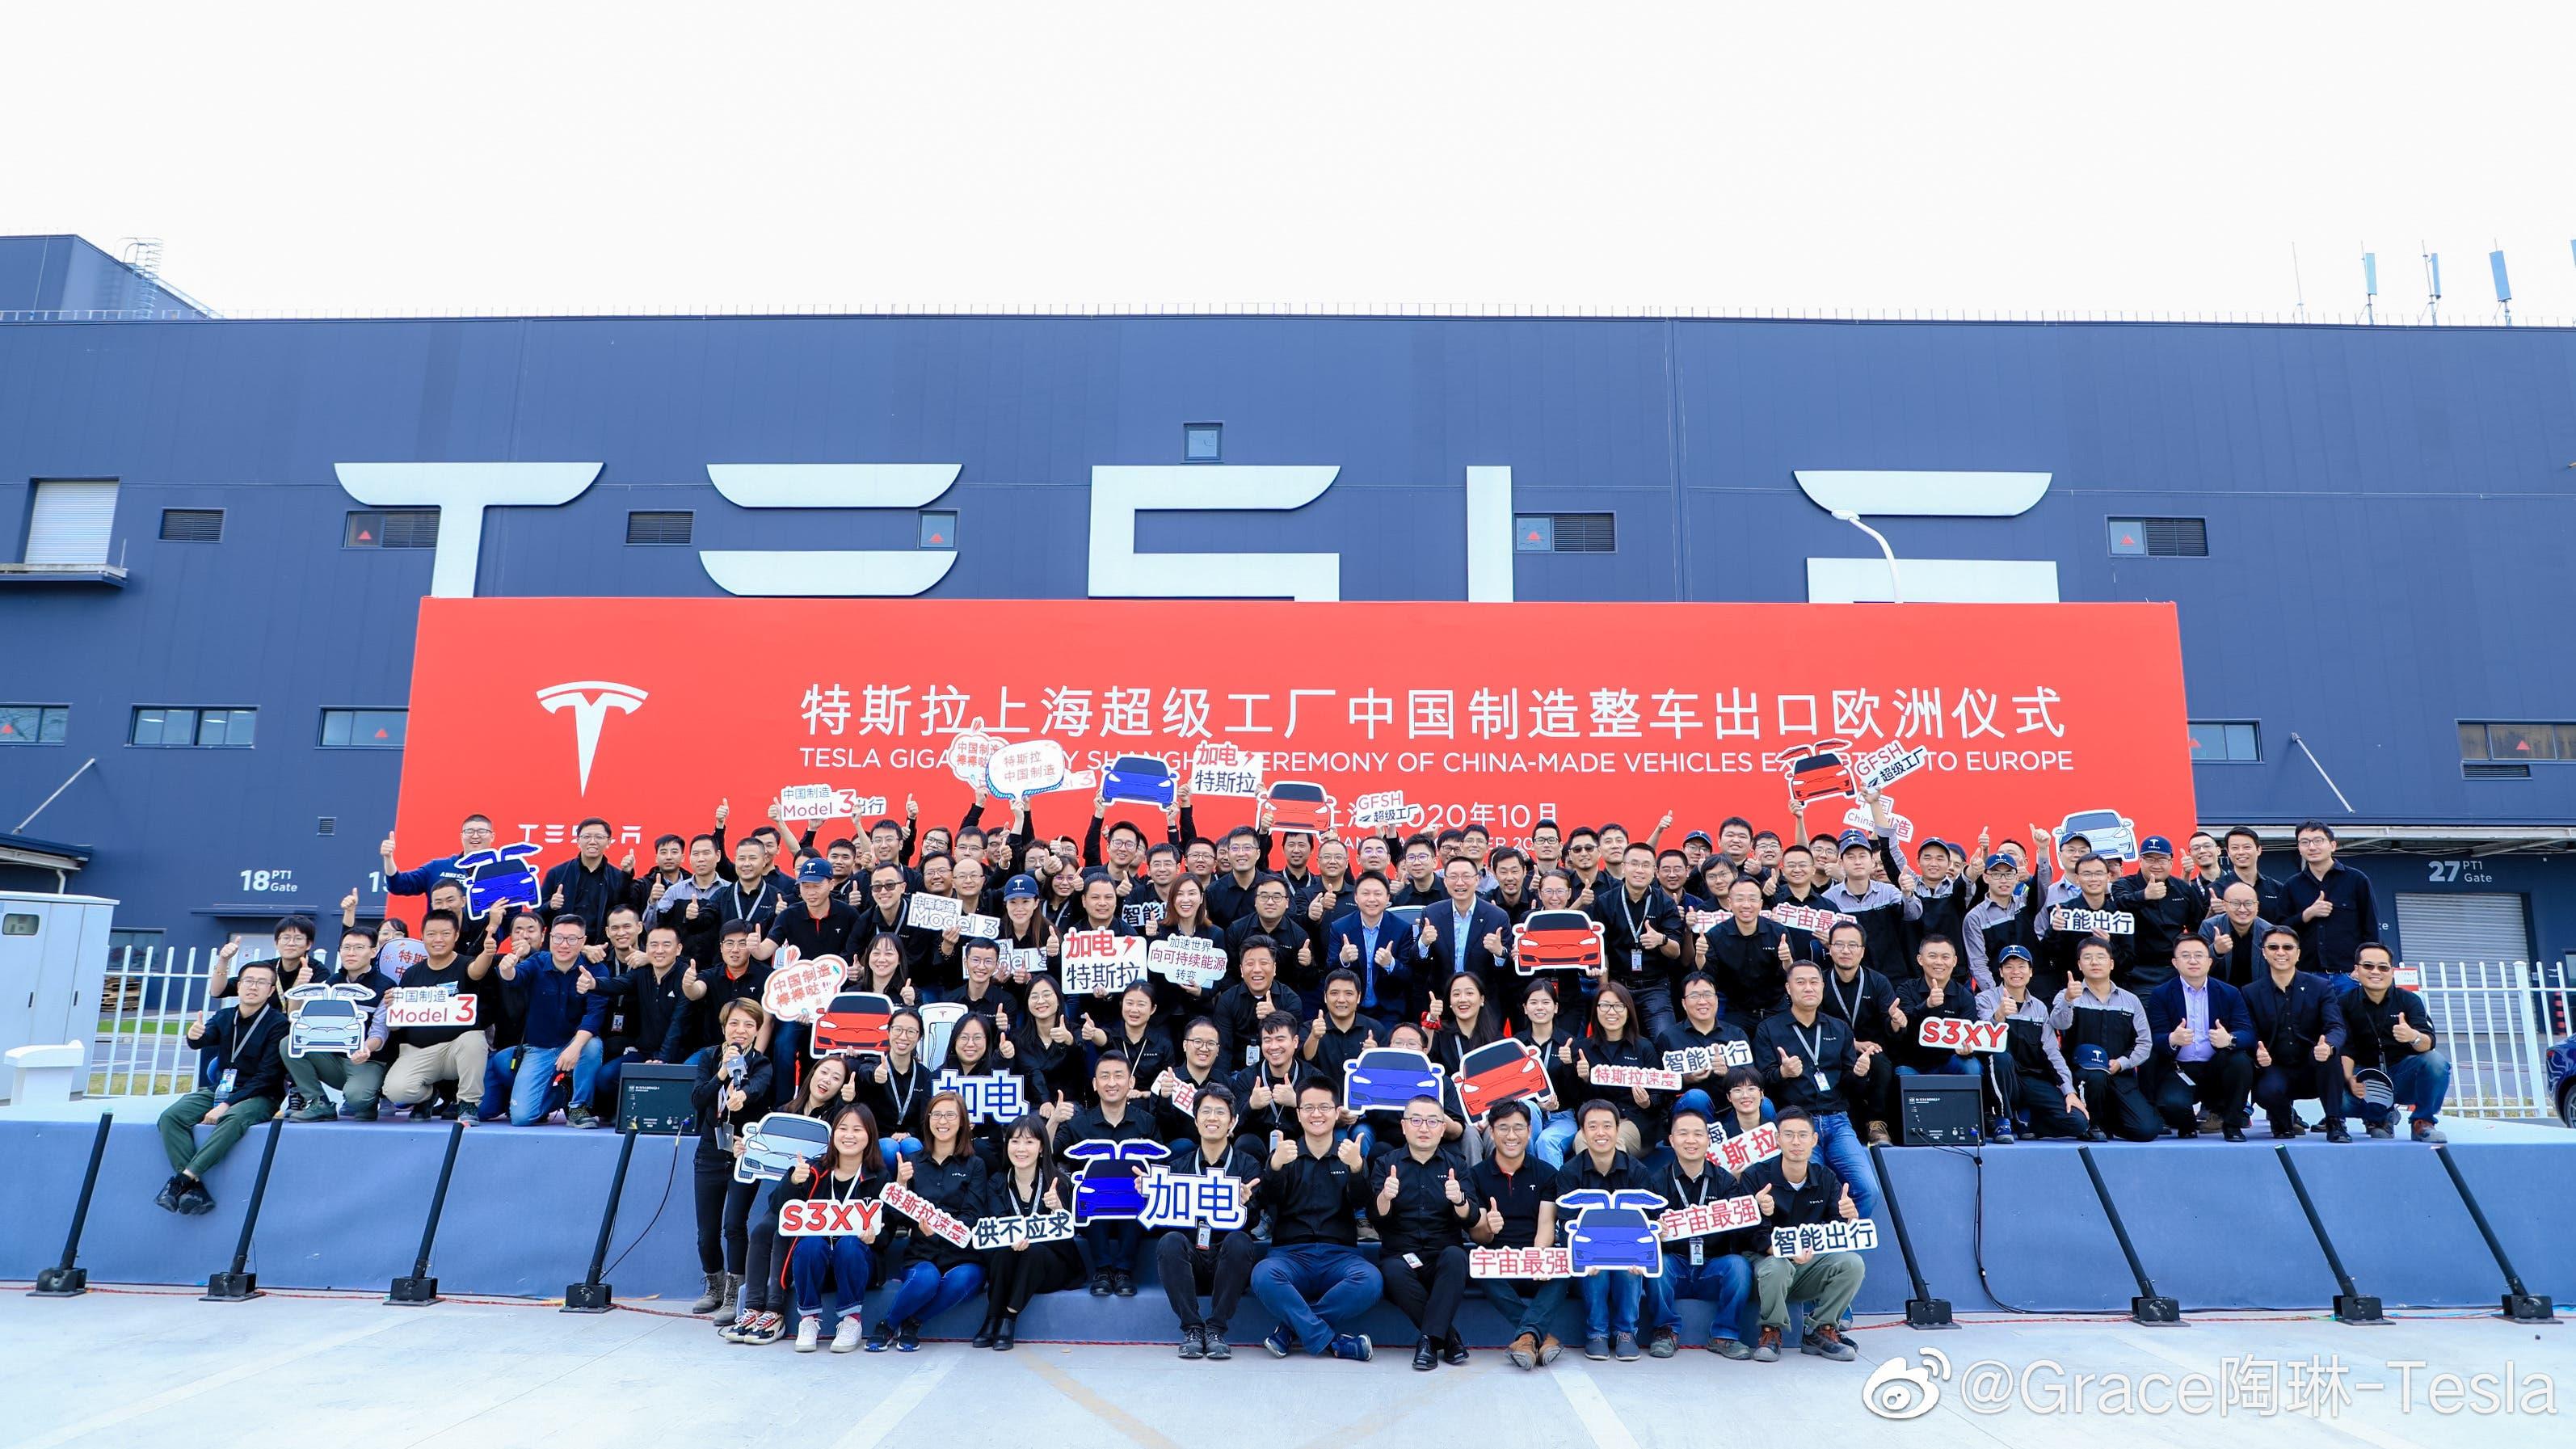 kínai Tesla alkalmazottak ünneplik a Model 3 európai exportjának kezdetét